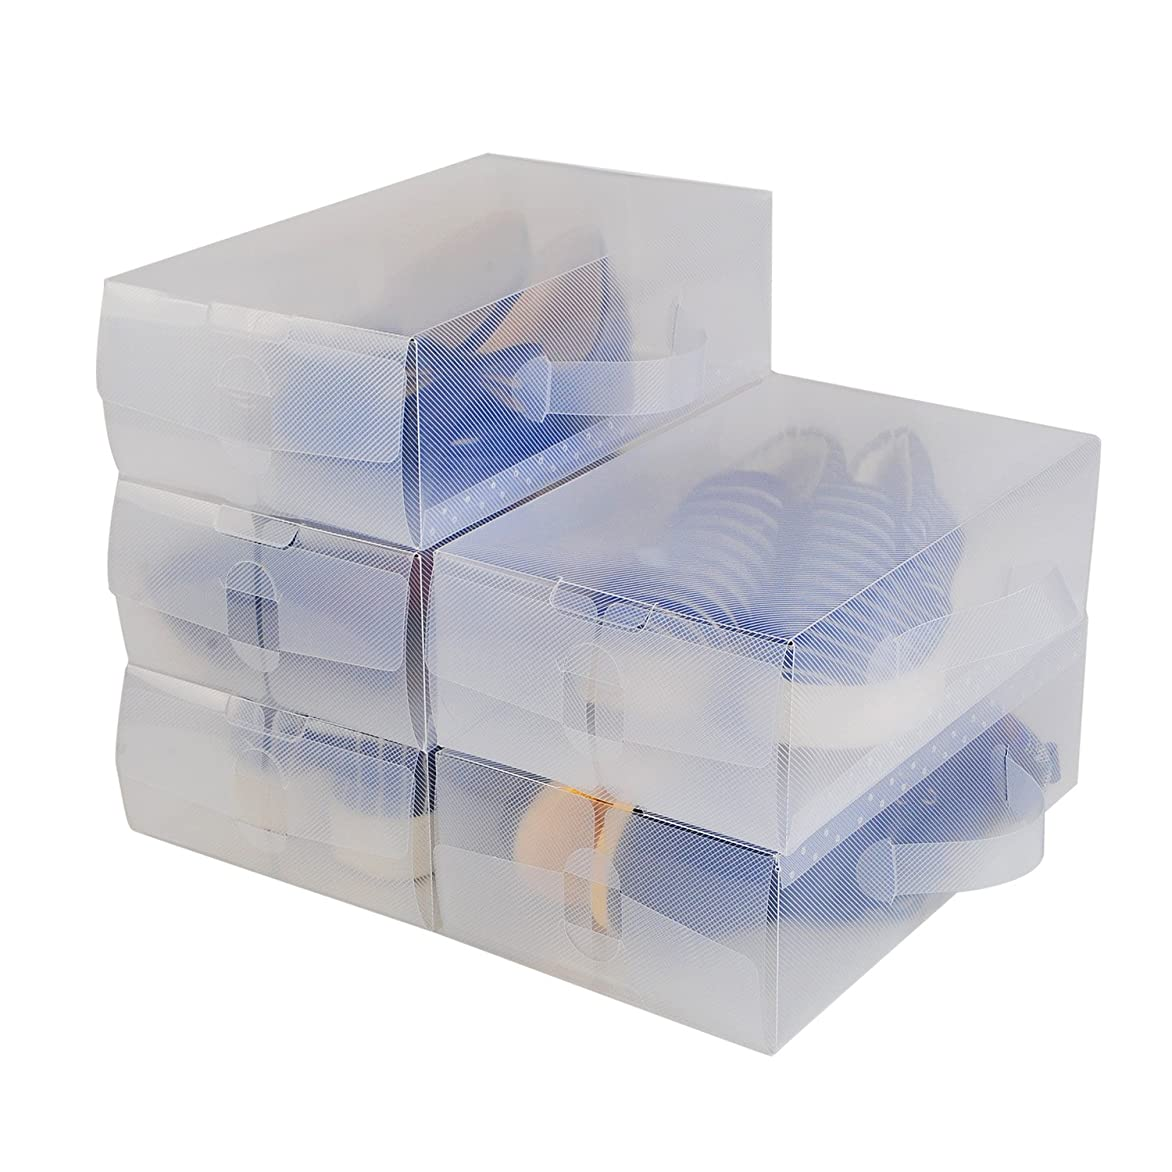 戻るストレージ雇用者【12箱入り】シューズボックス 透明 クリア シューズケース 組立て式 靴収納 靴箱